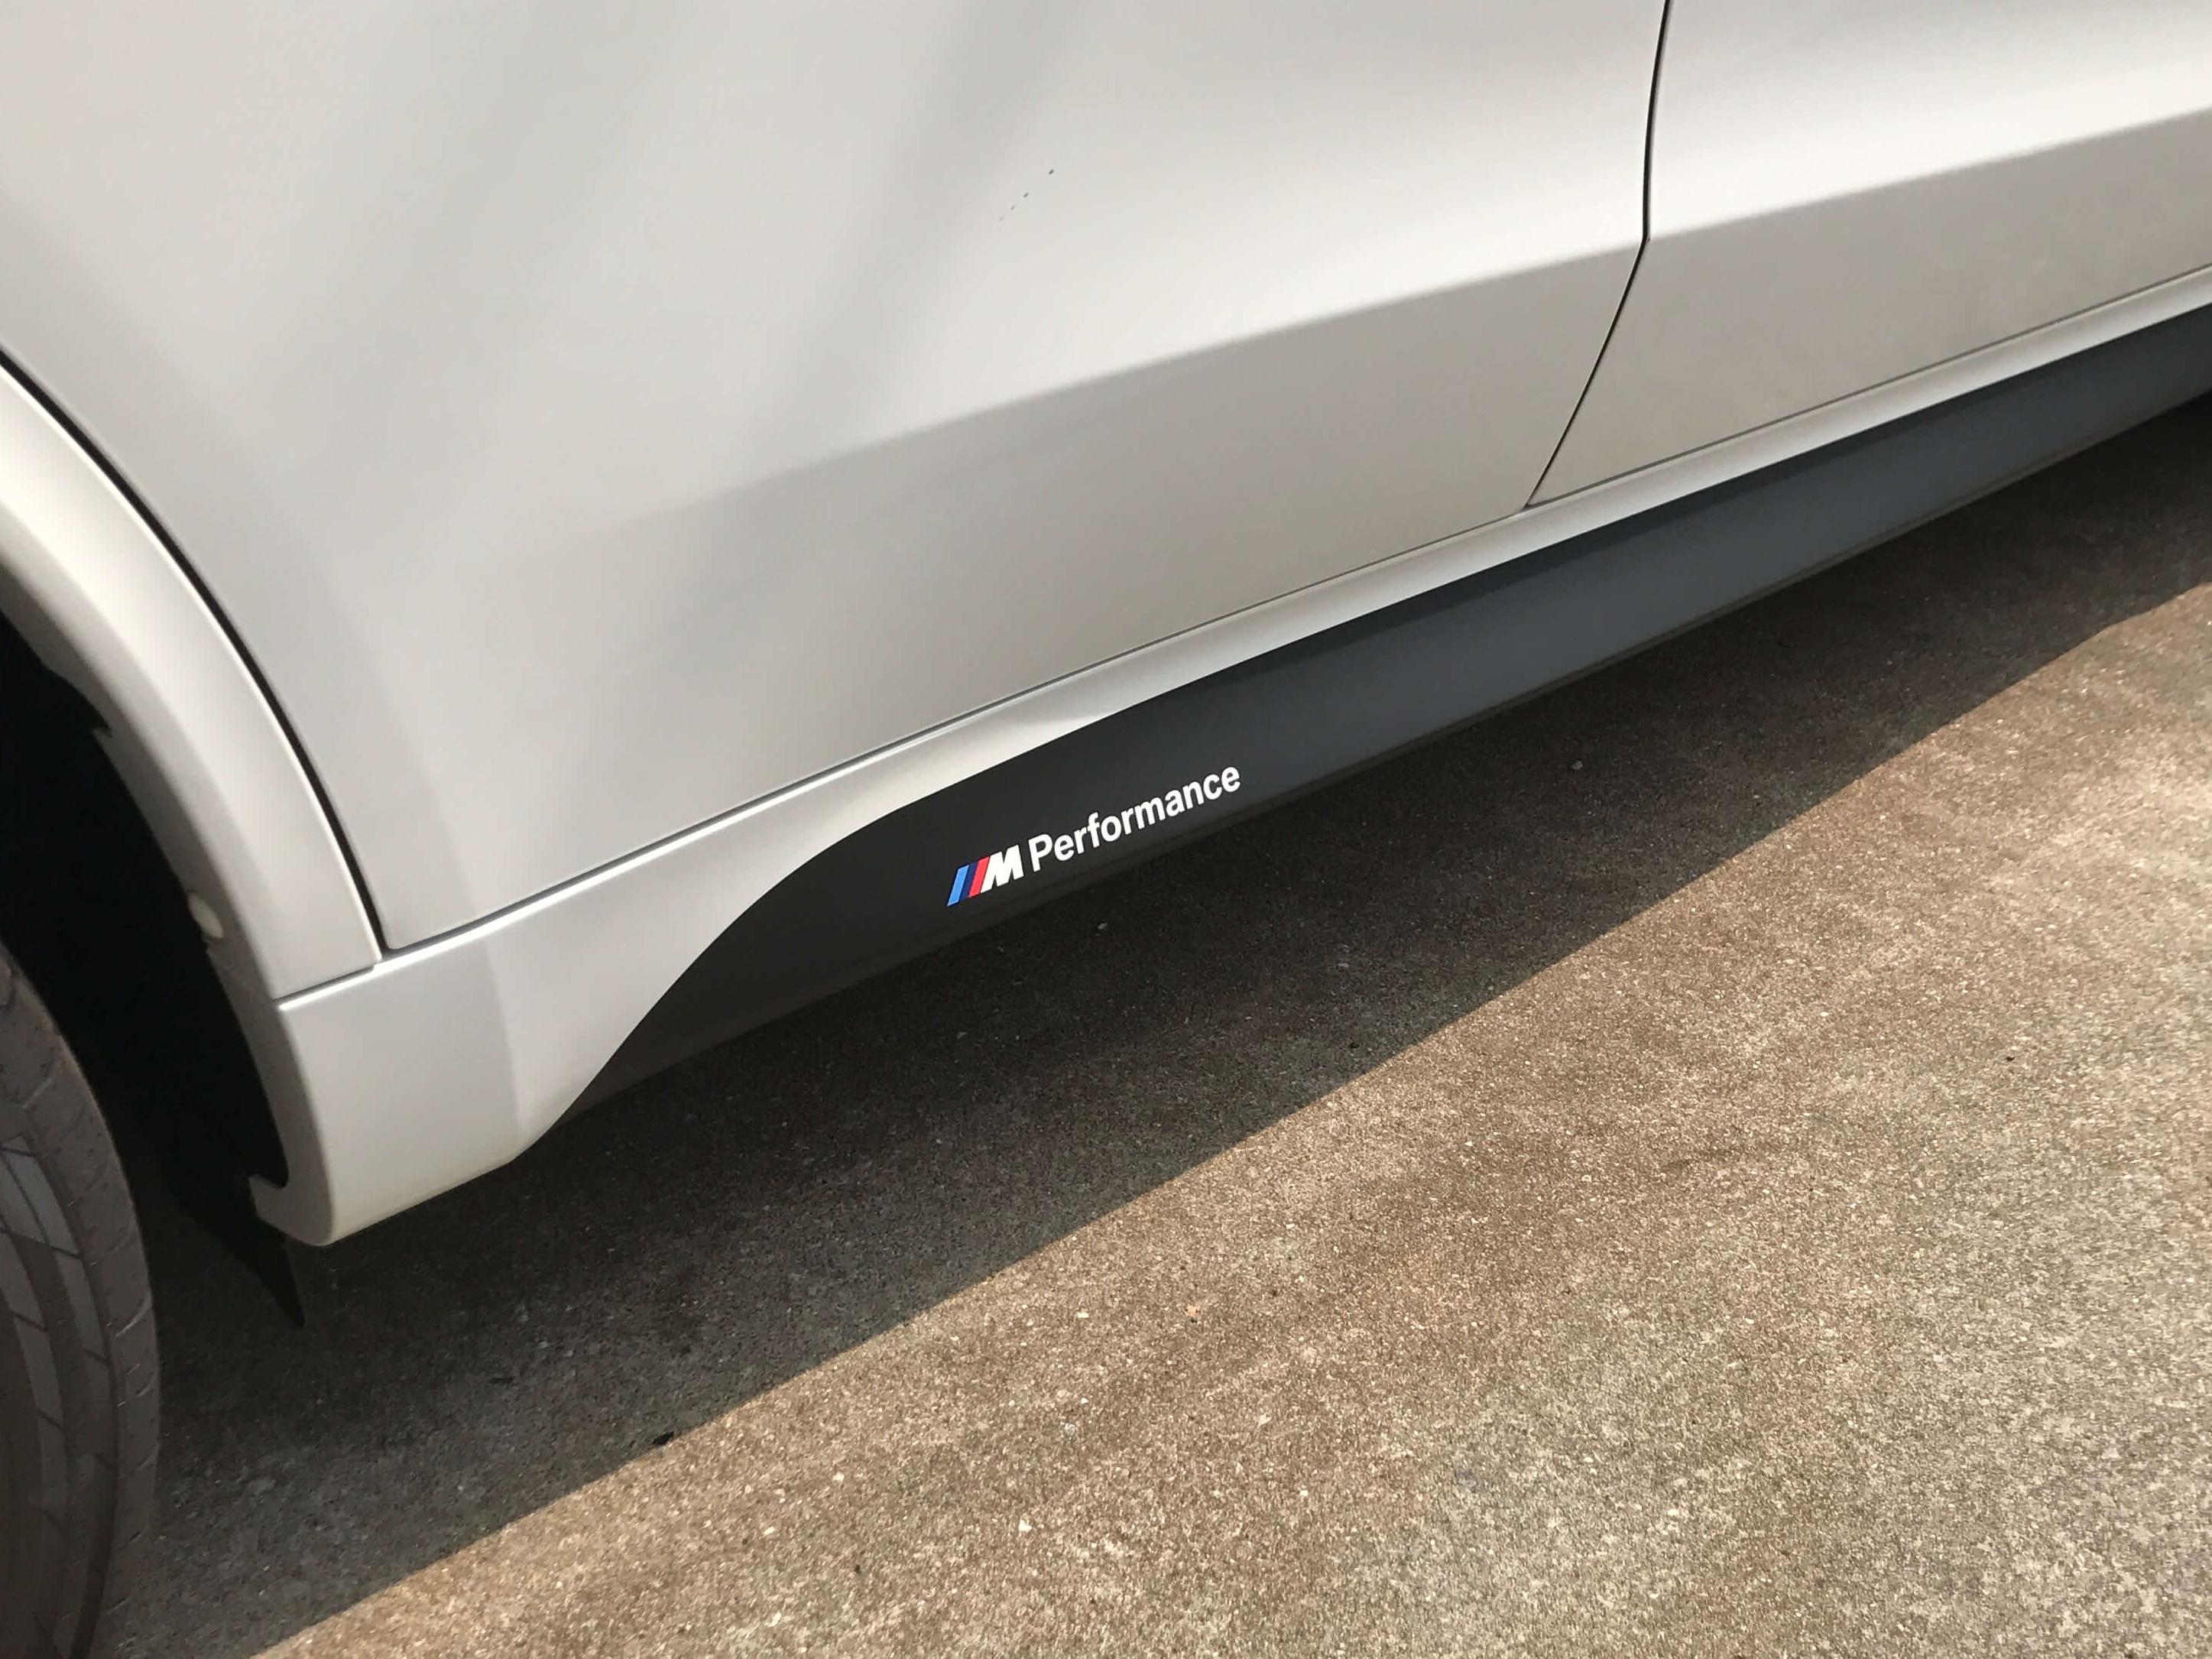 BMW_X5にPerformanceステッカーを貼ったあと